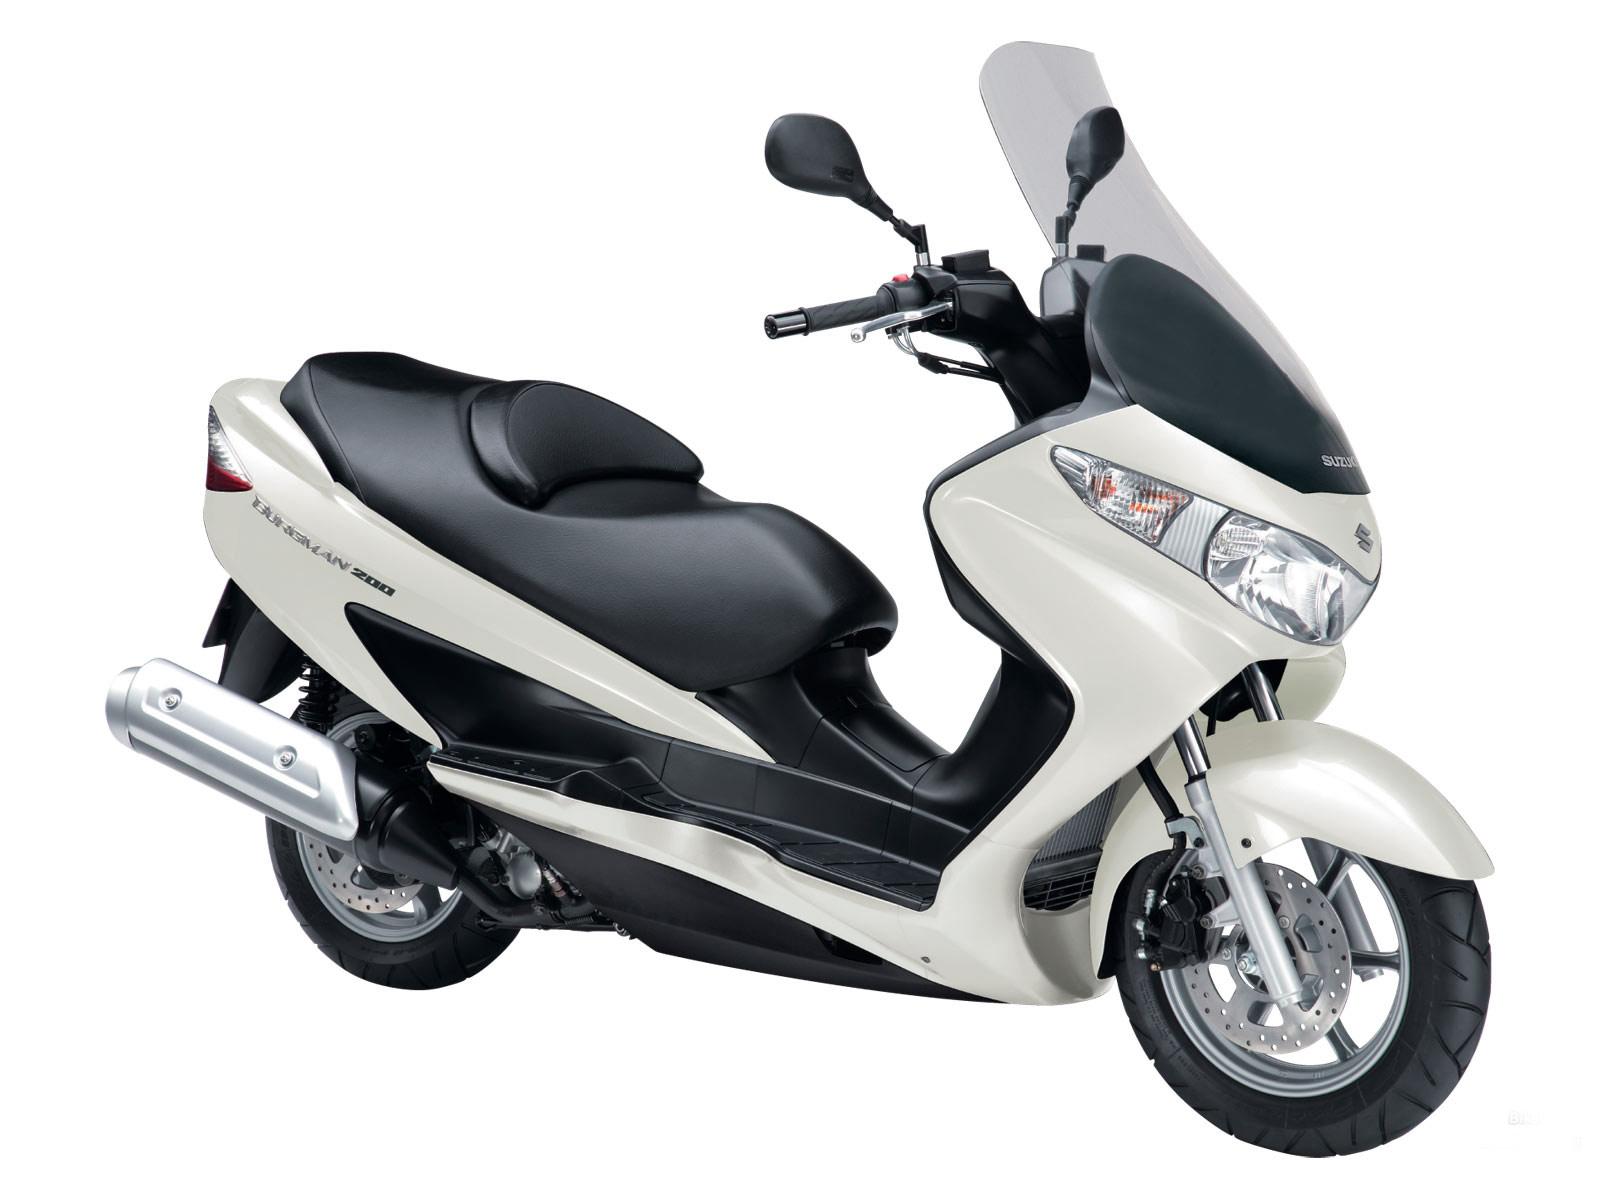 Suzuki Burgman 200 Kenyamanan Lebih Diutamakan